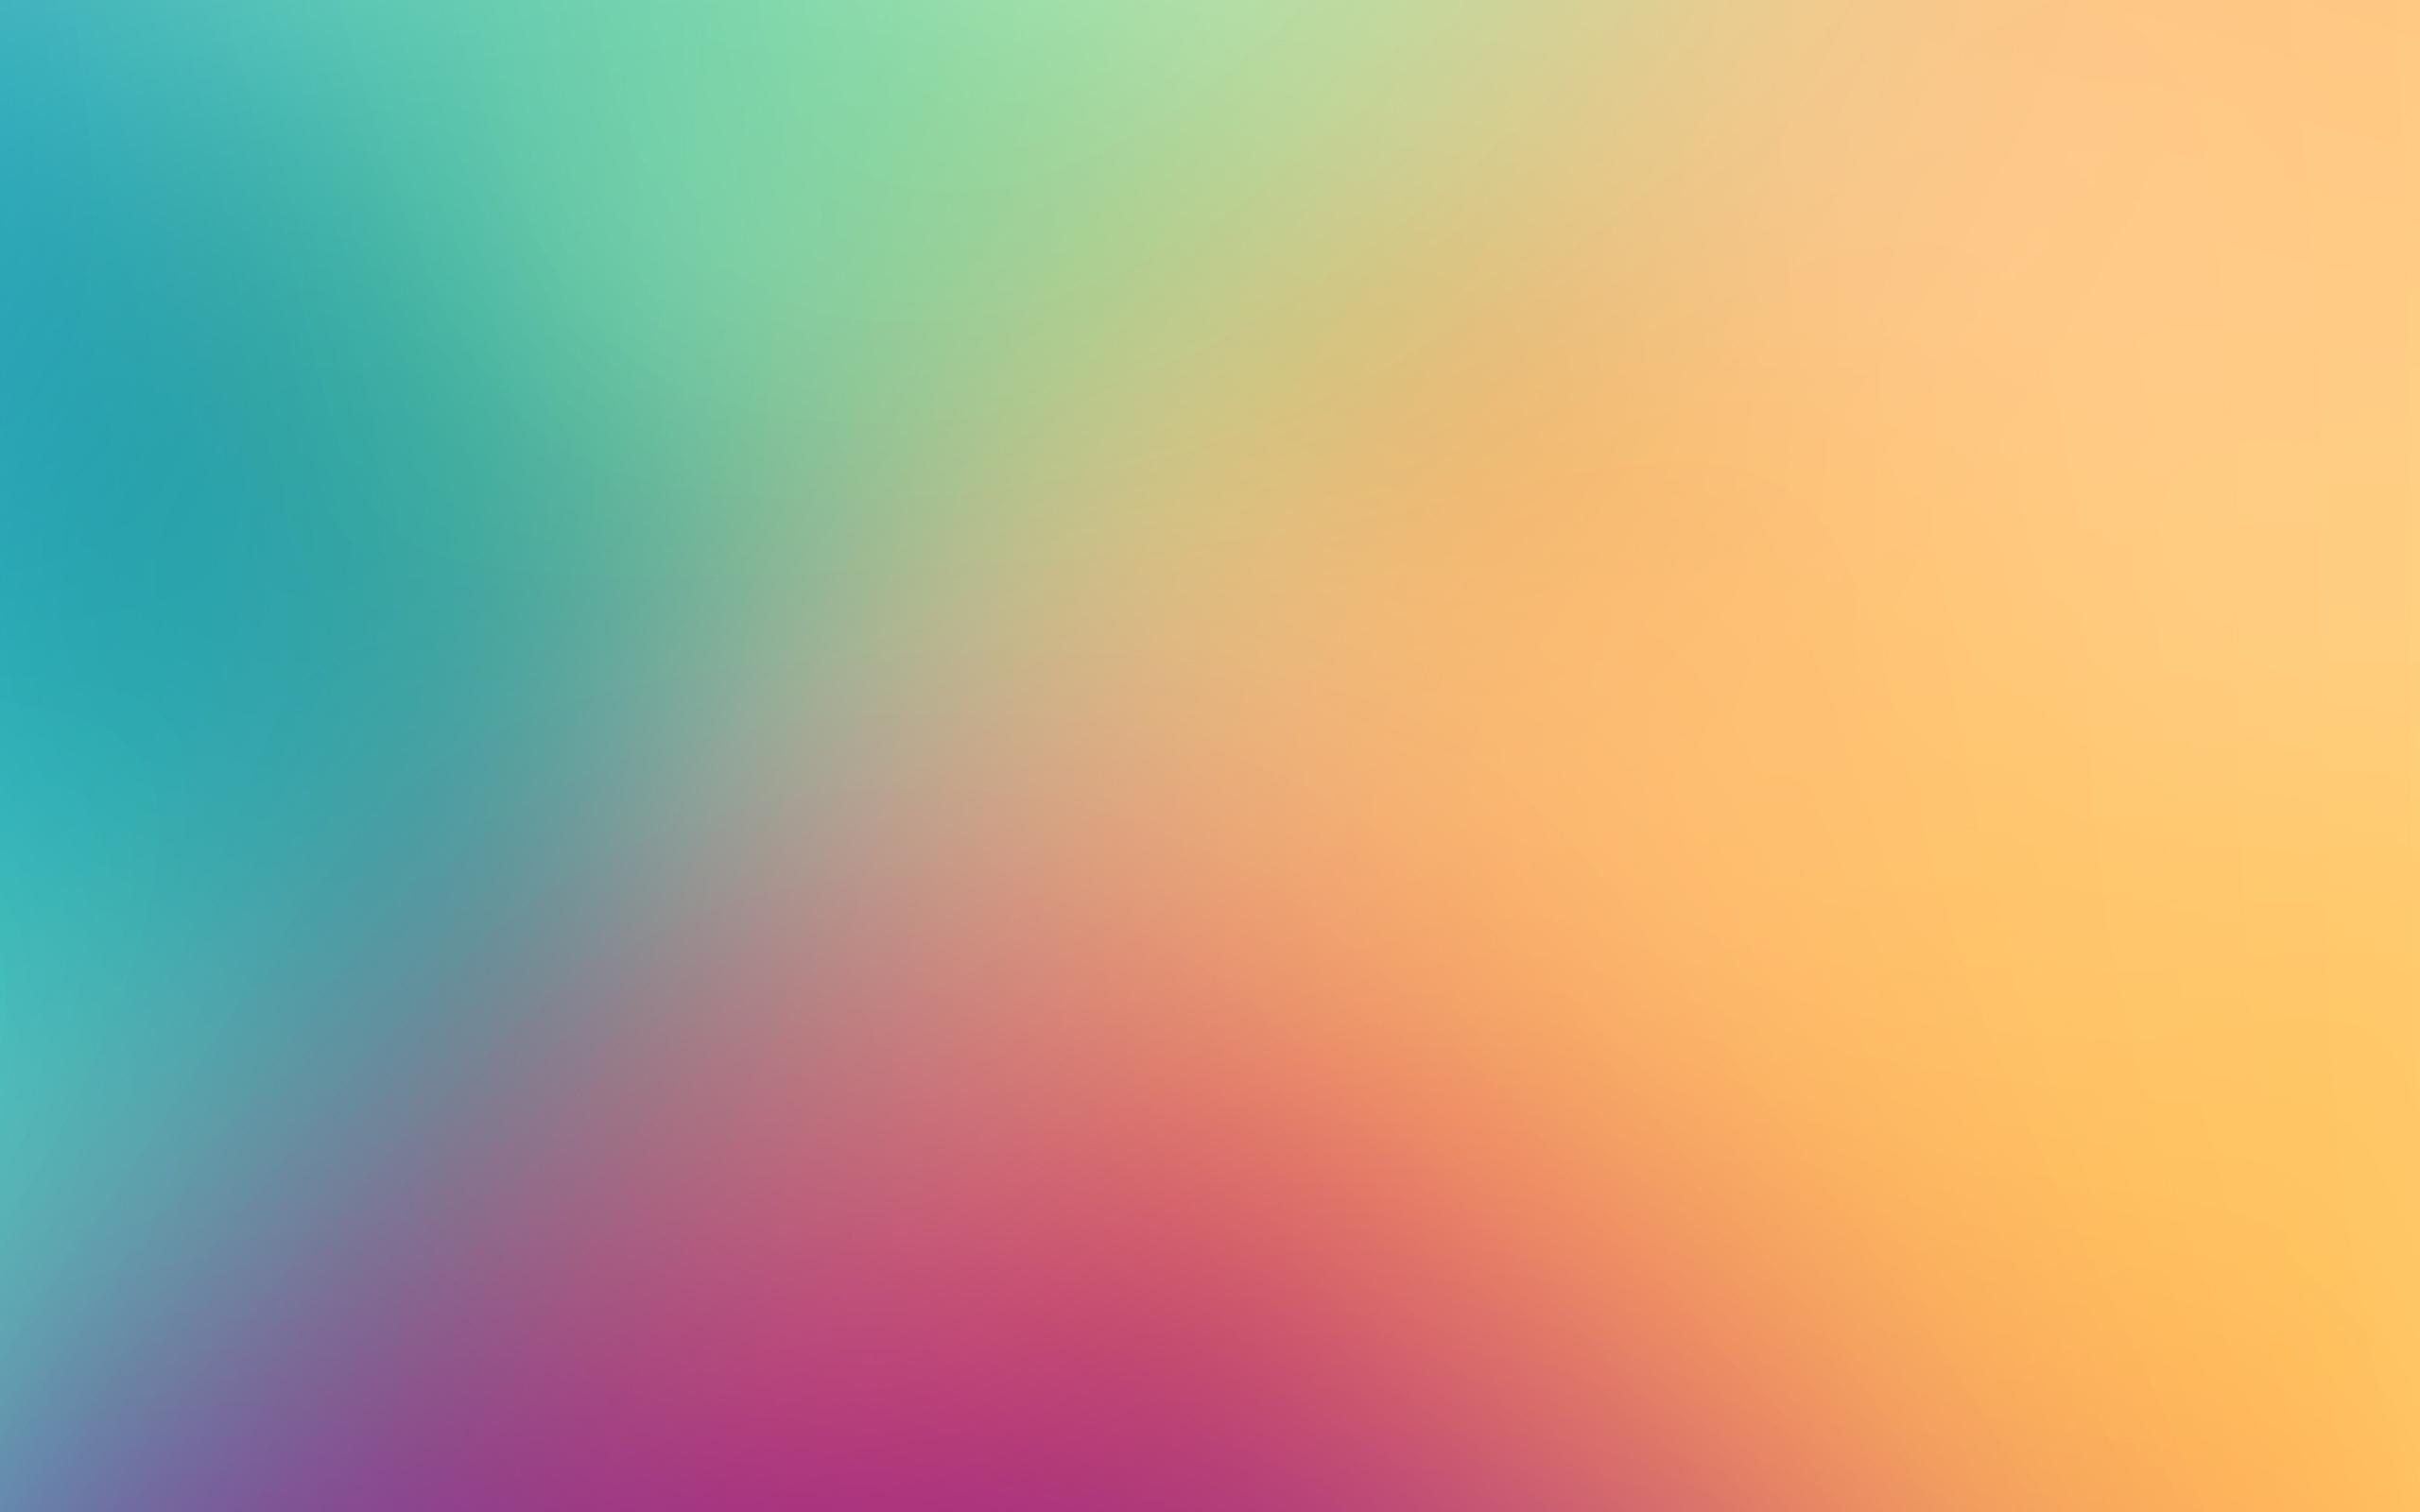 Sfondo_colorato